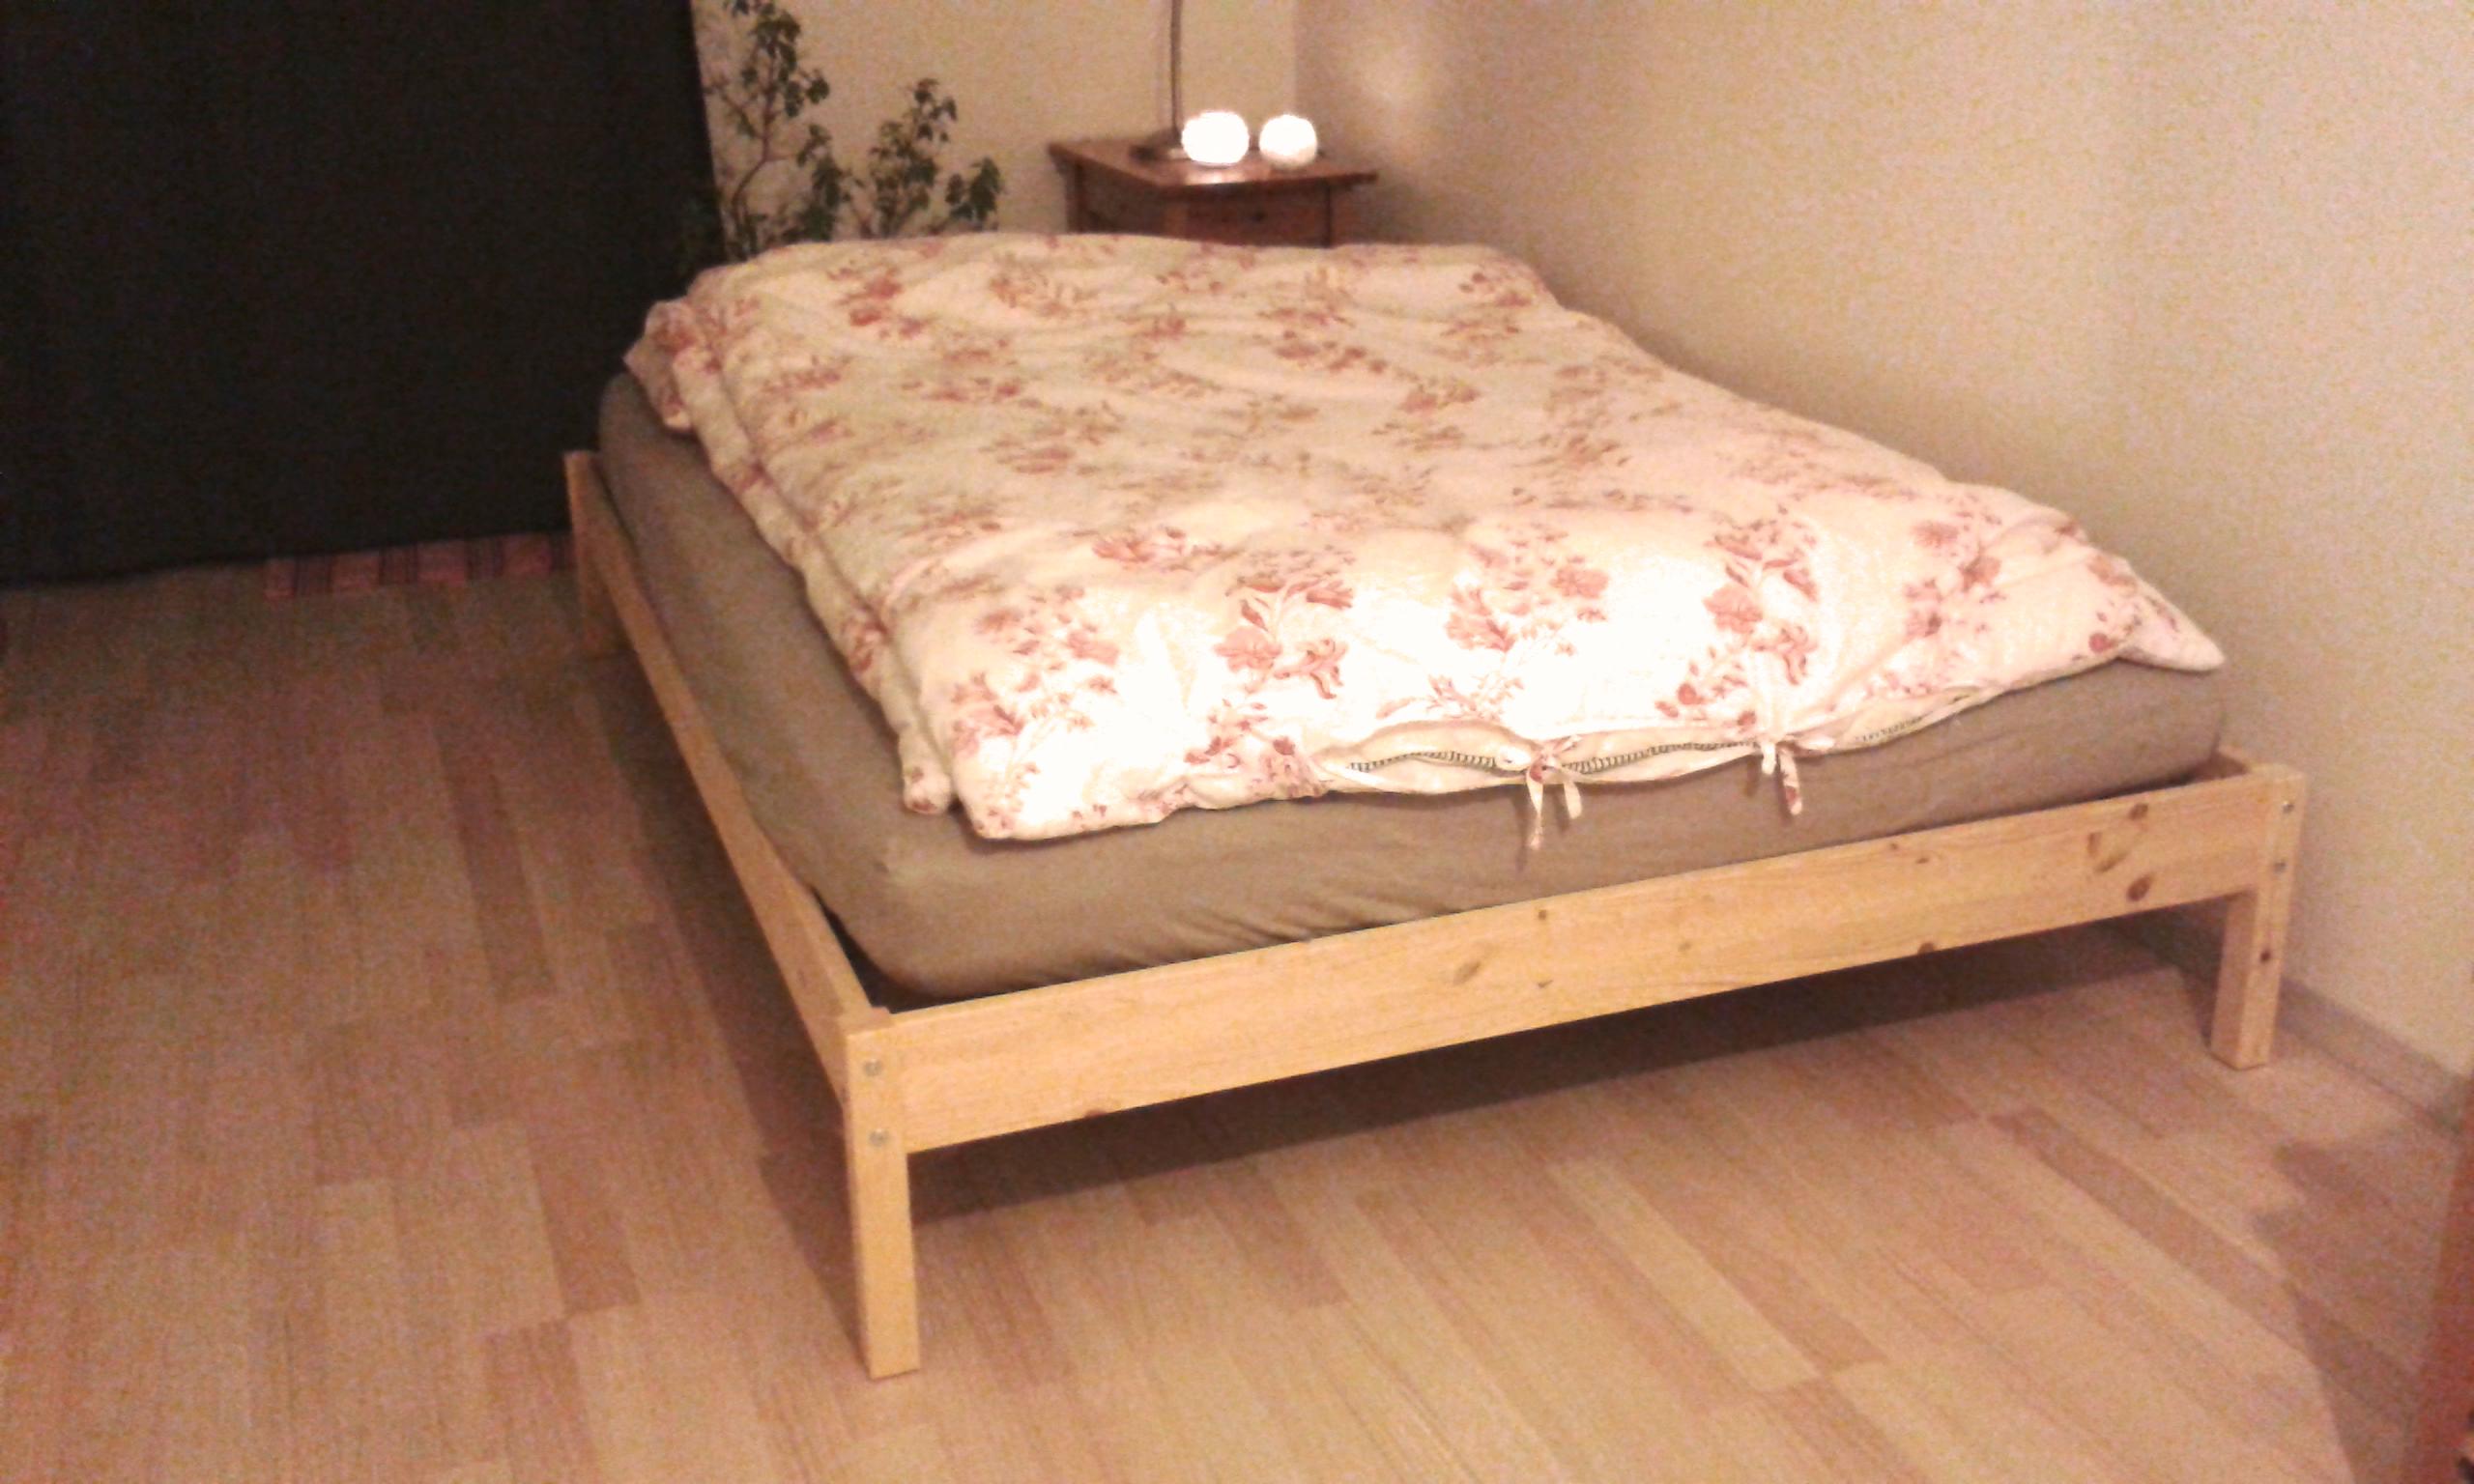 Full Size of Einfaches Bett Fertiges Ikea Futon Tarva Hack In 5 Min Kann Man Aus Dem Minimalistisch Kinder Amazon Betten Somnus Holz Sonoma Eiche 140x200 Weiße Für Bett Einfaches Bett